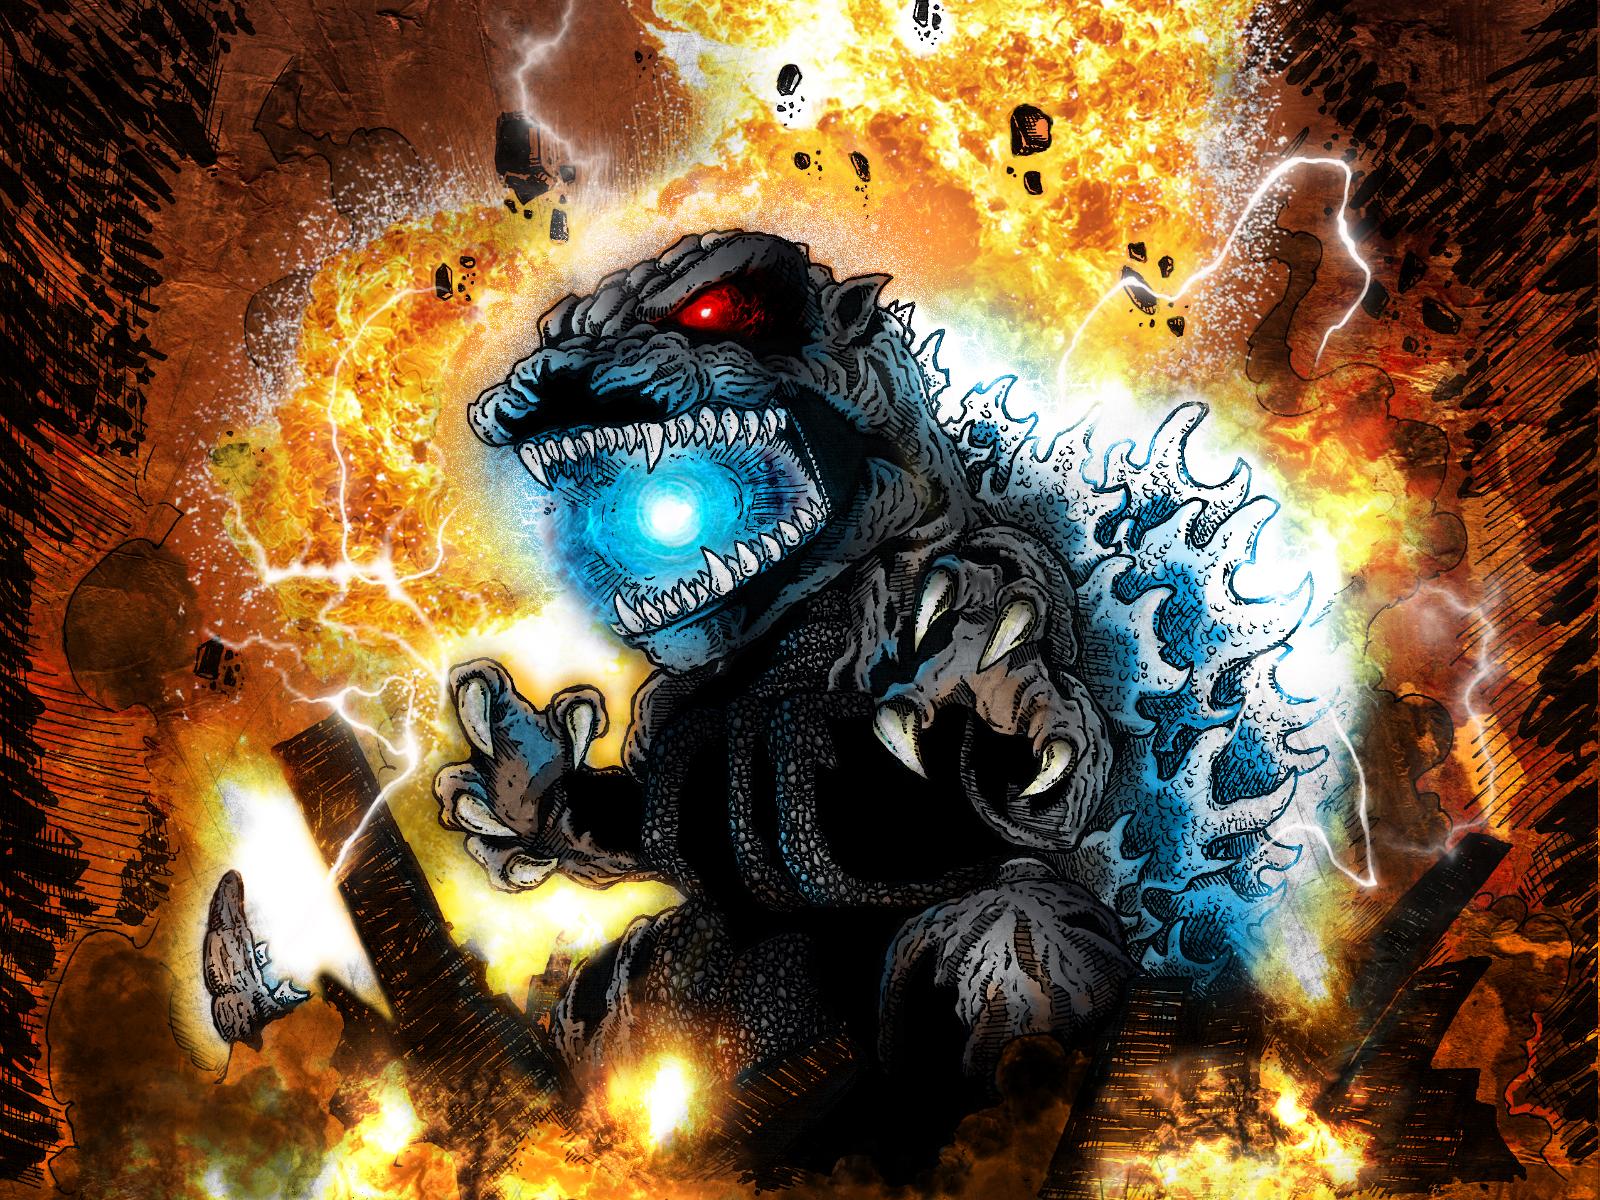 wallpaper godzilla monster dinosaur - photo #35